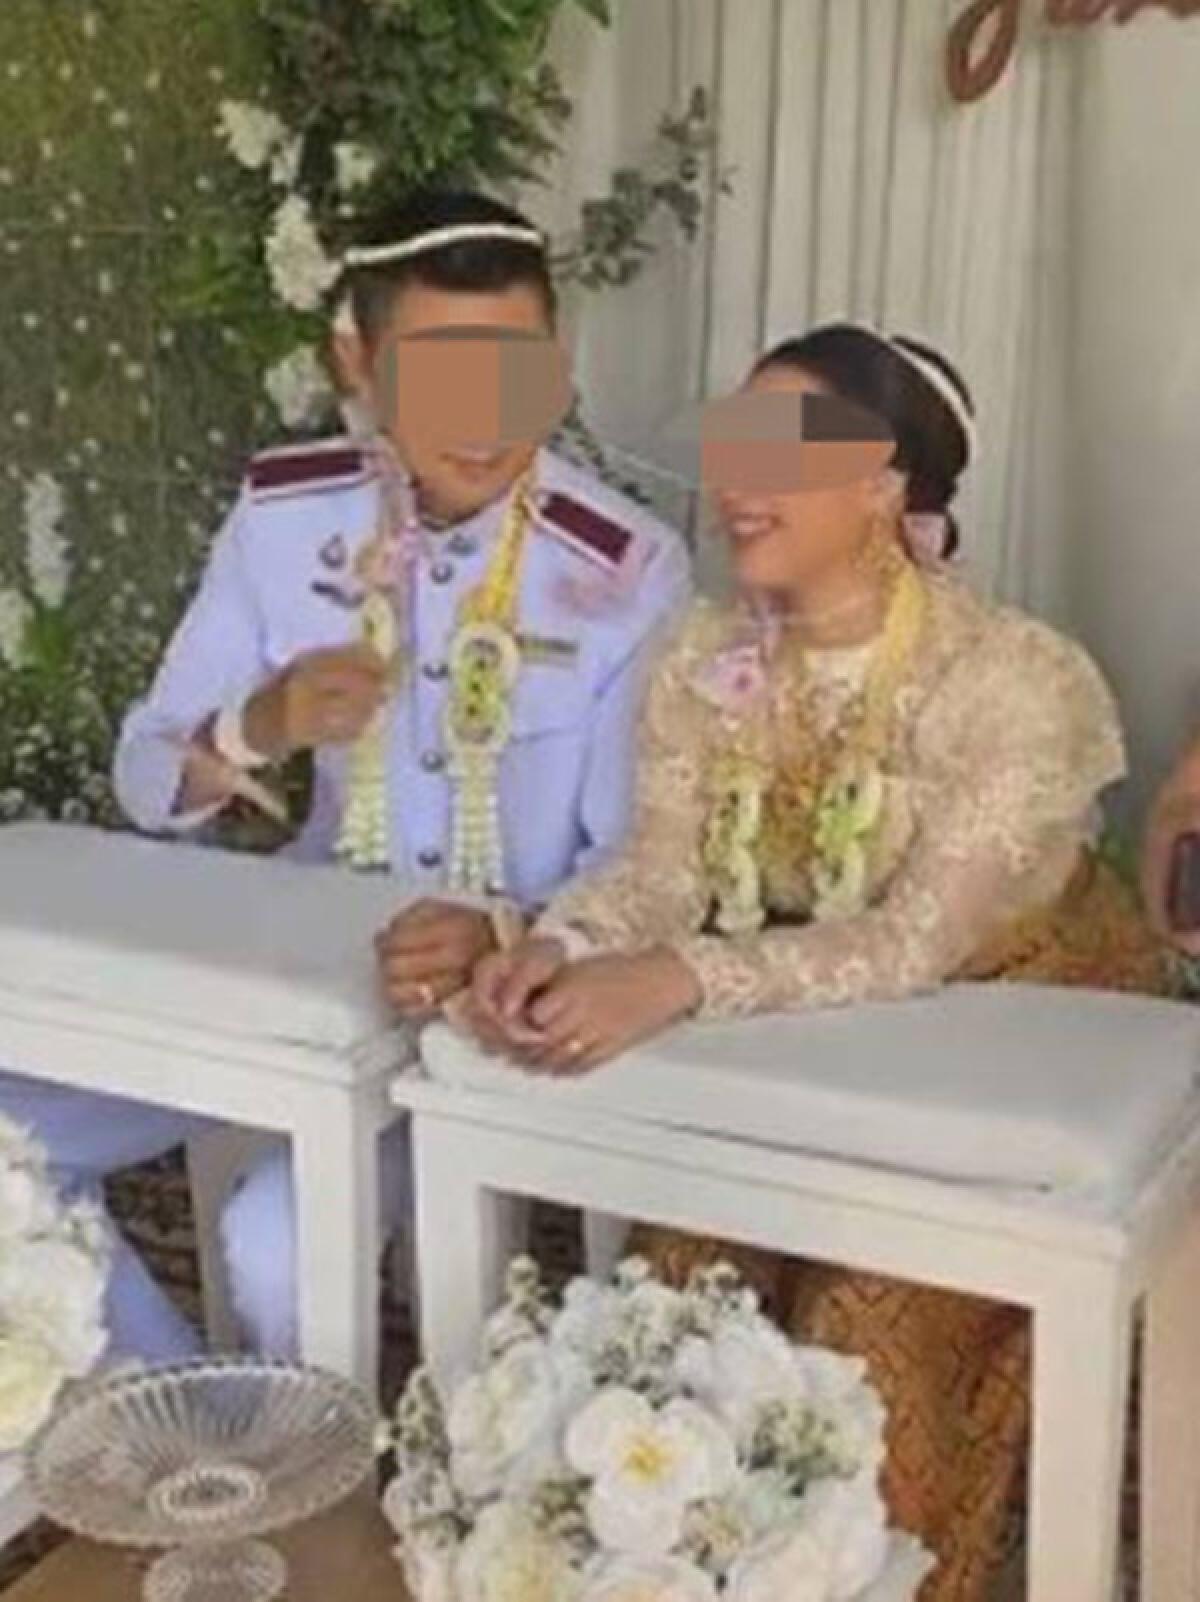 เมียหลวง เปิดใจเตรียมฟ้องสาวคนใหม่สามี เผยรู้ว่าแอบคบกัน เคยเตือนทั้งคู่ให้หยุด แต่ยังหยามจัดงานแต่ง